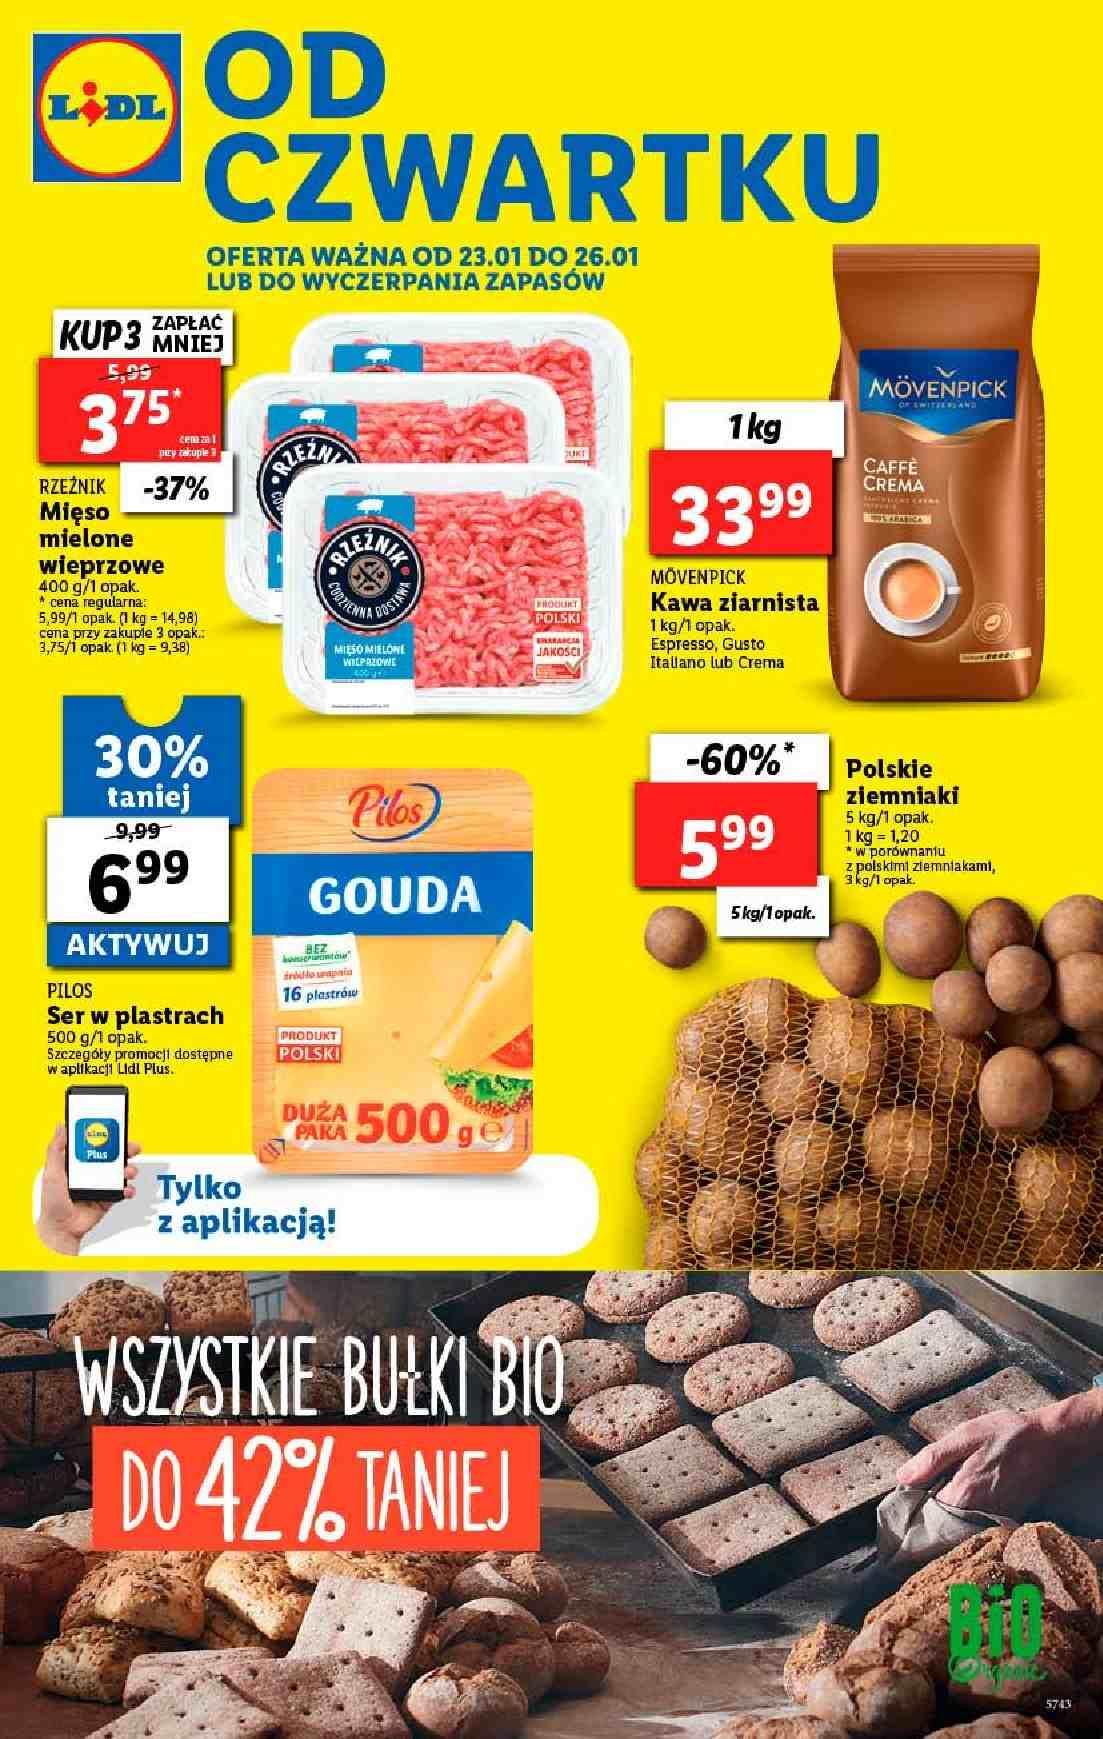 Gazetka promocyjna Lidl do 26/01/2020 str.1